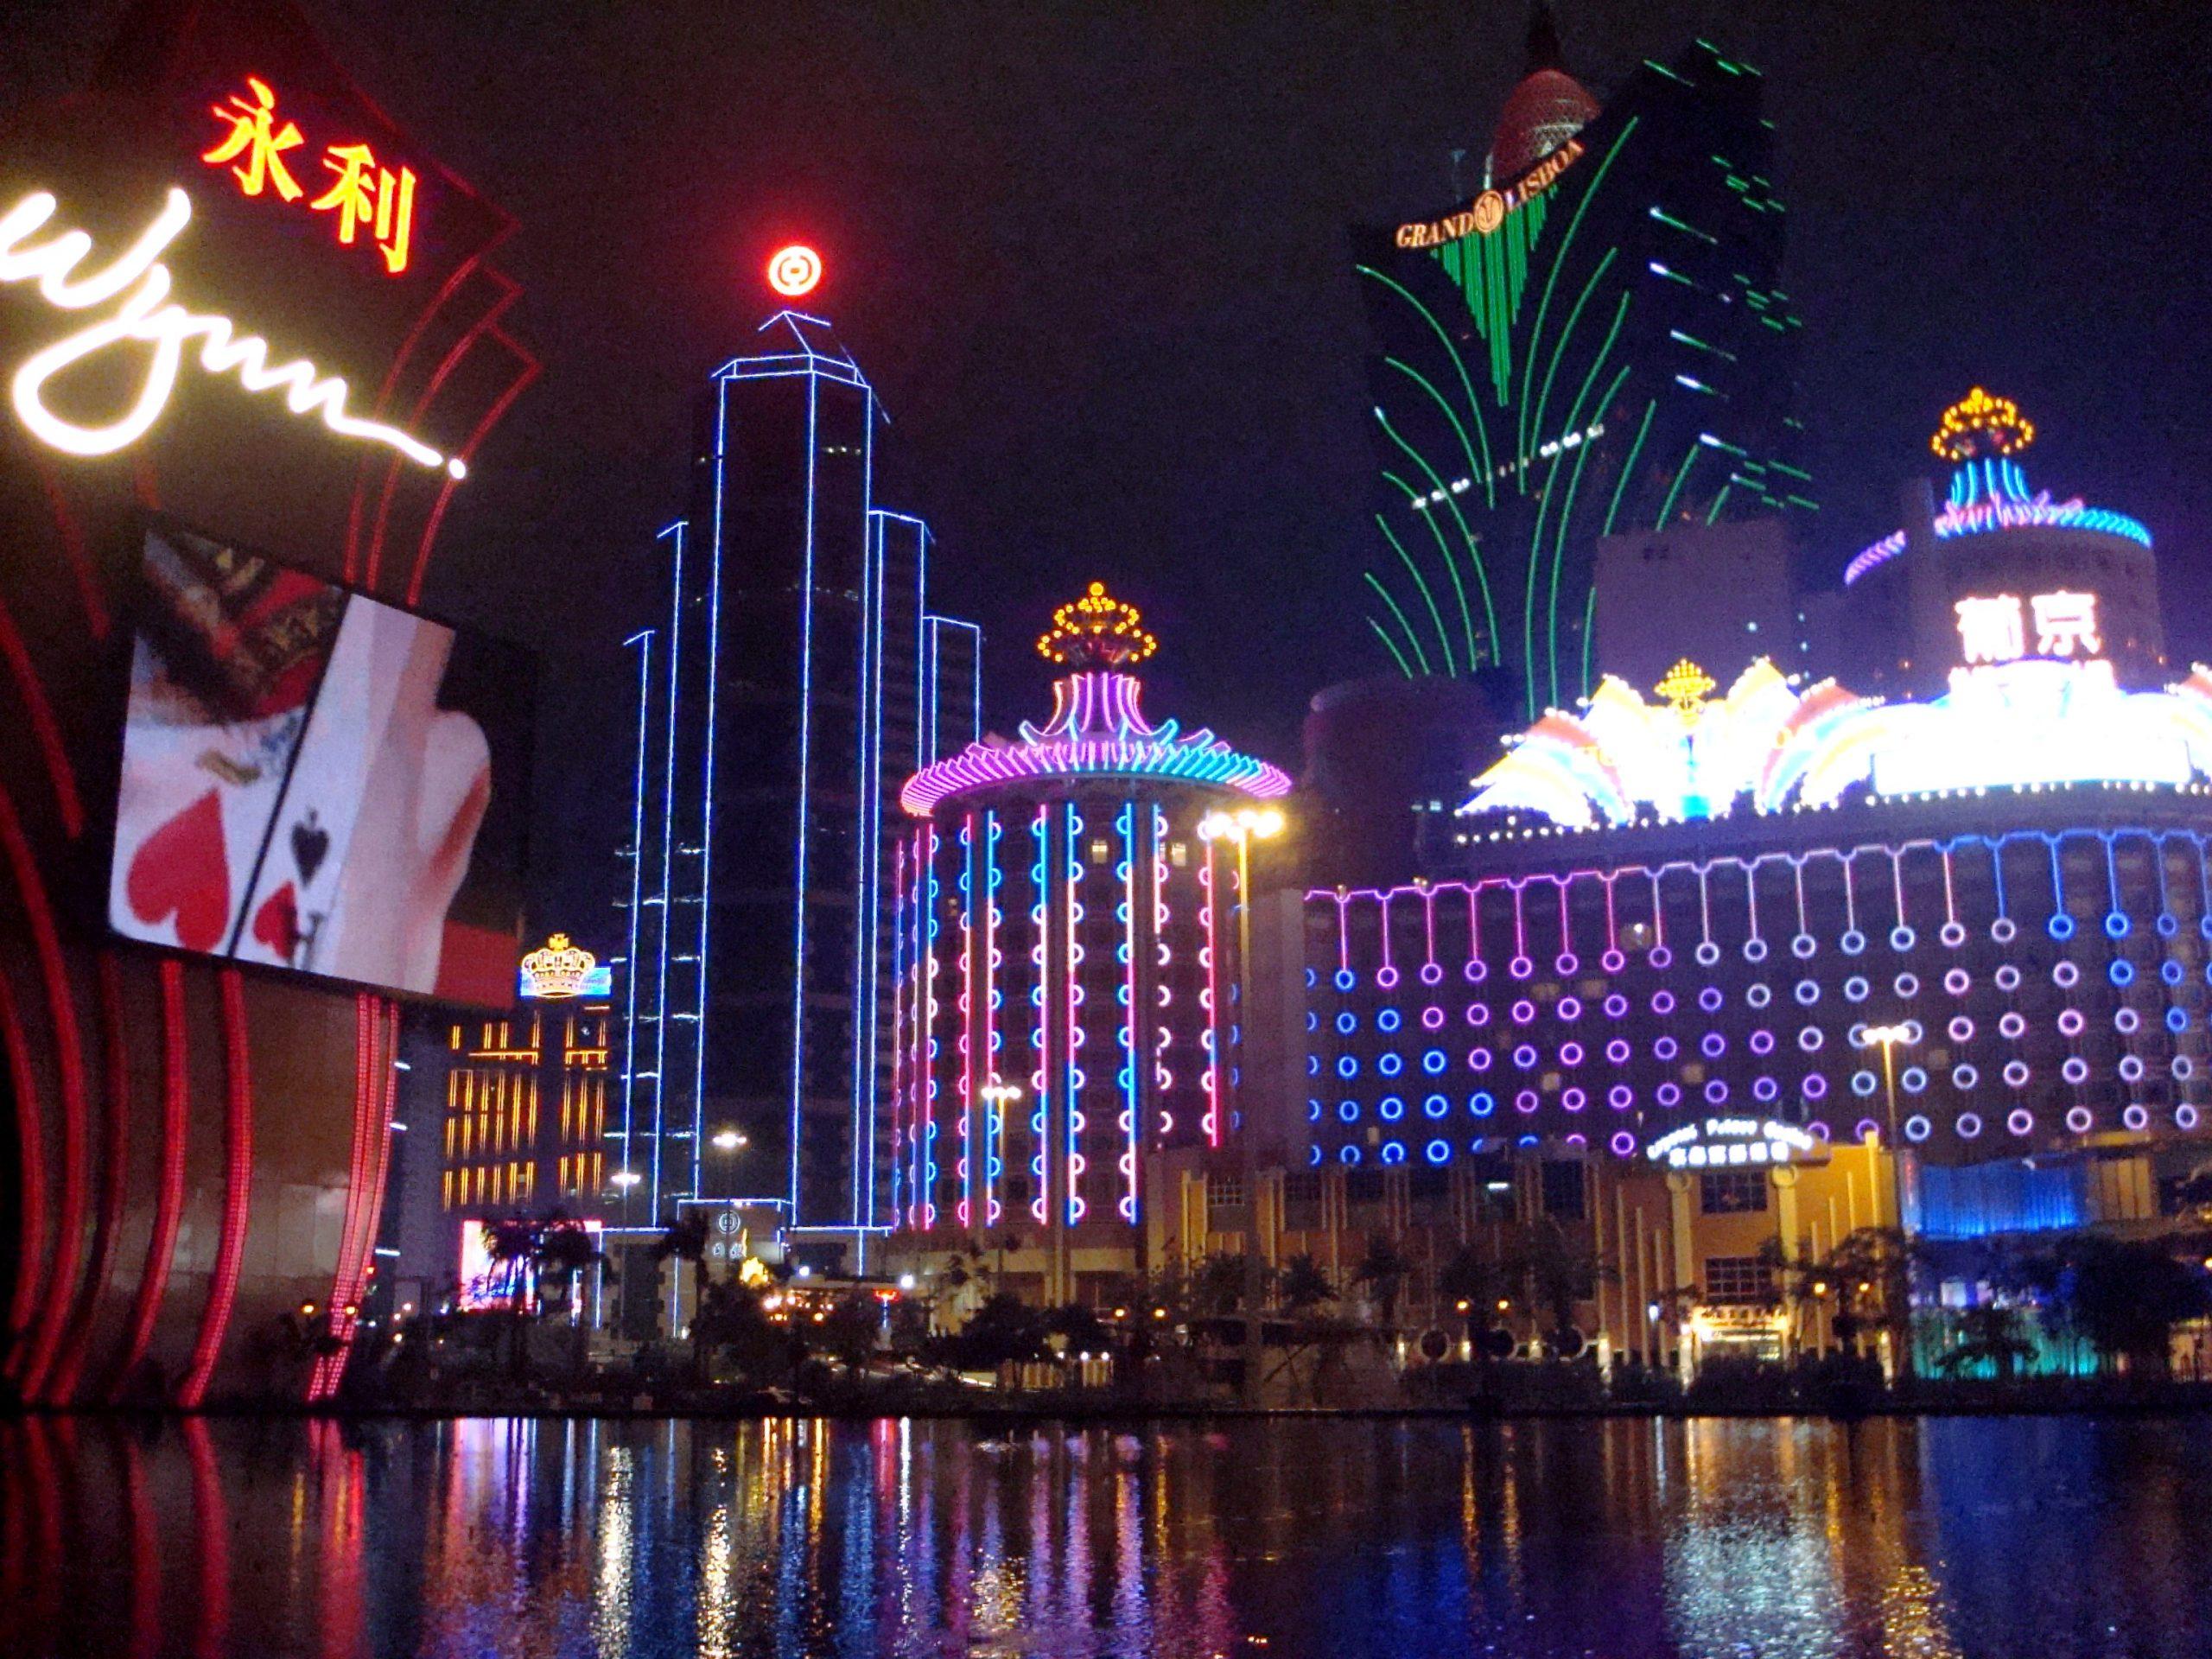 Berlibur Ke Macau, Apa Saja Yang Bisa Anda dapatkan Di Sana